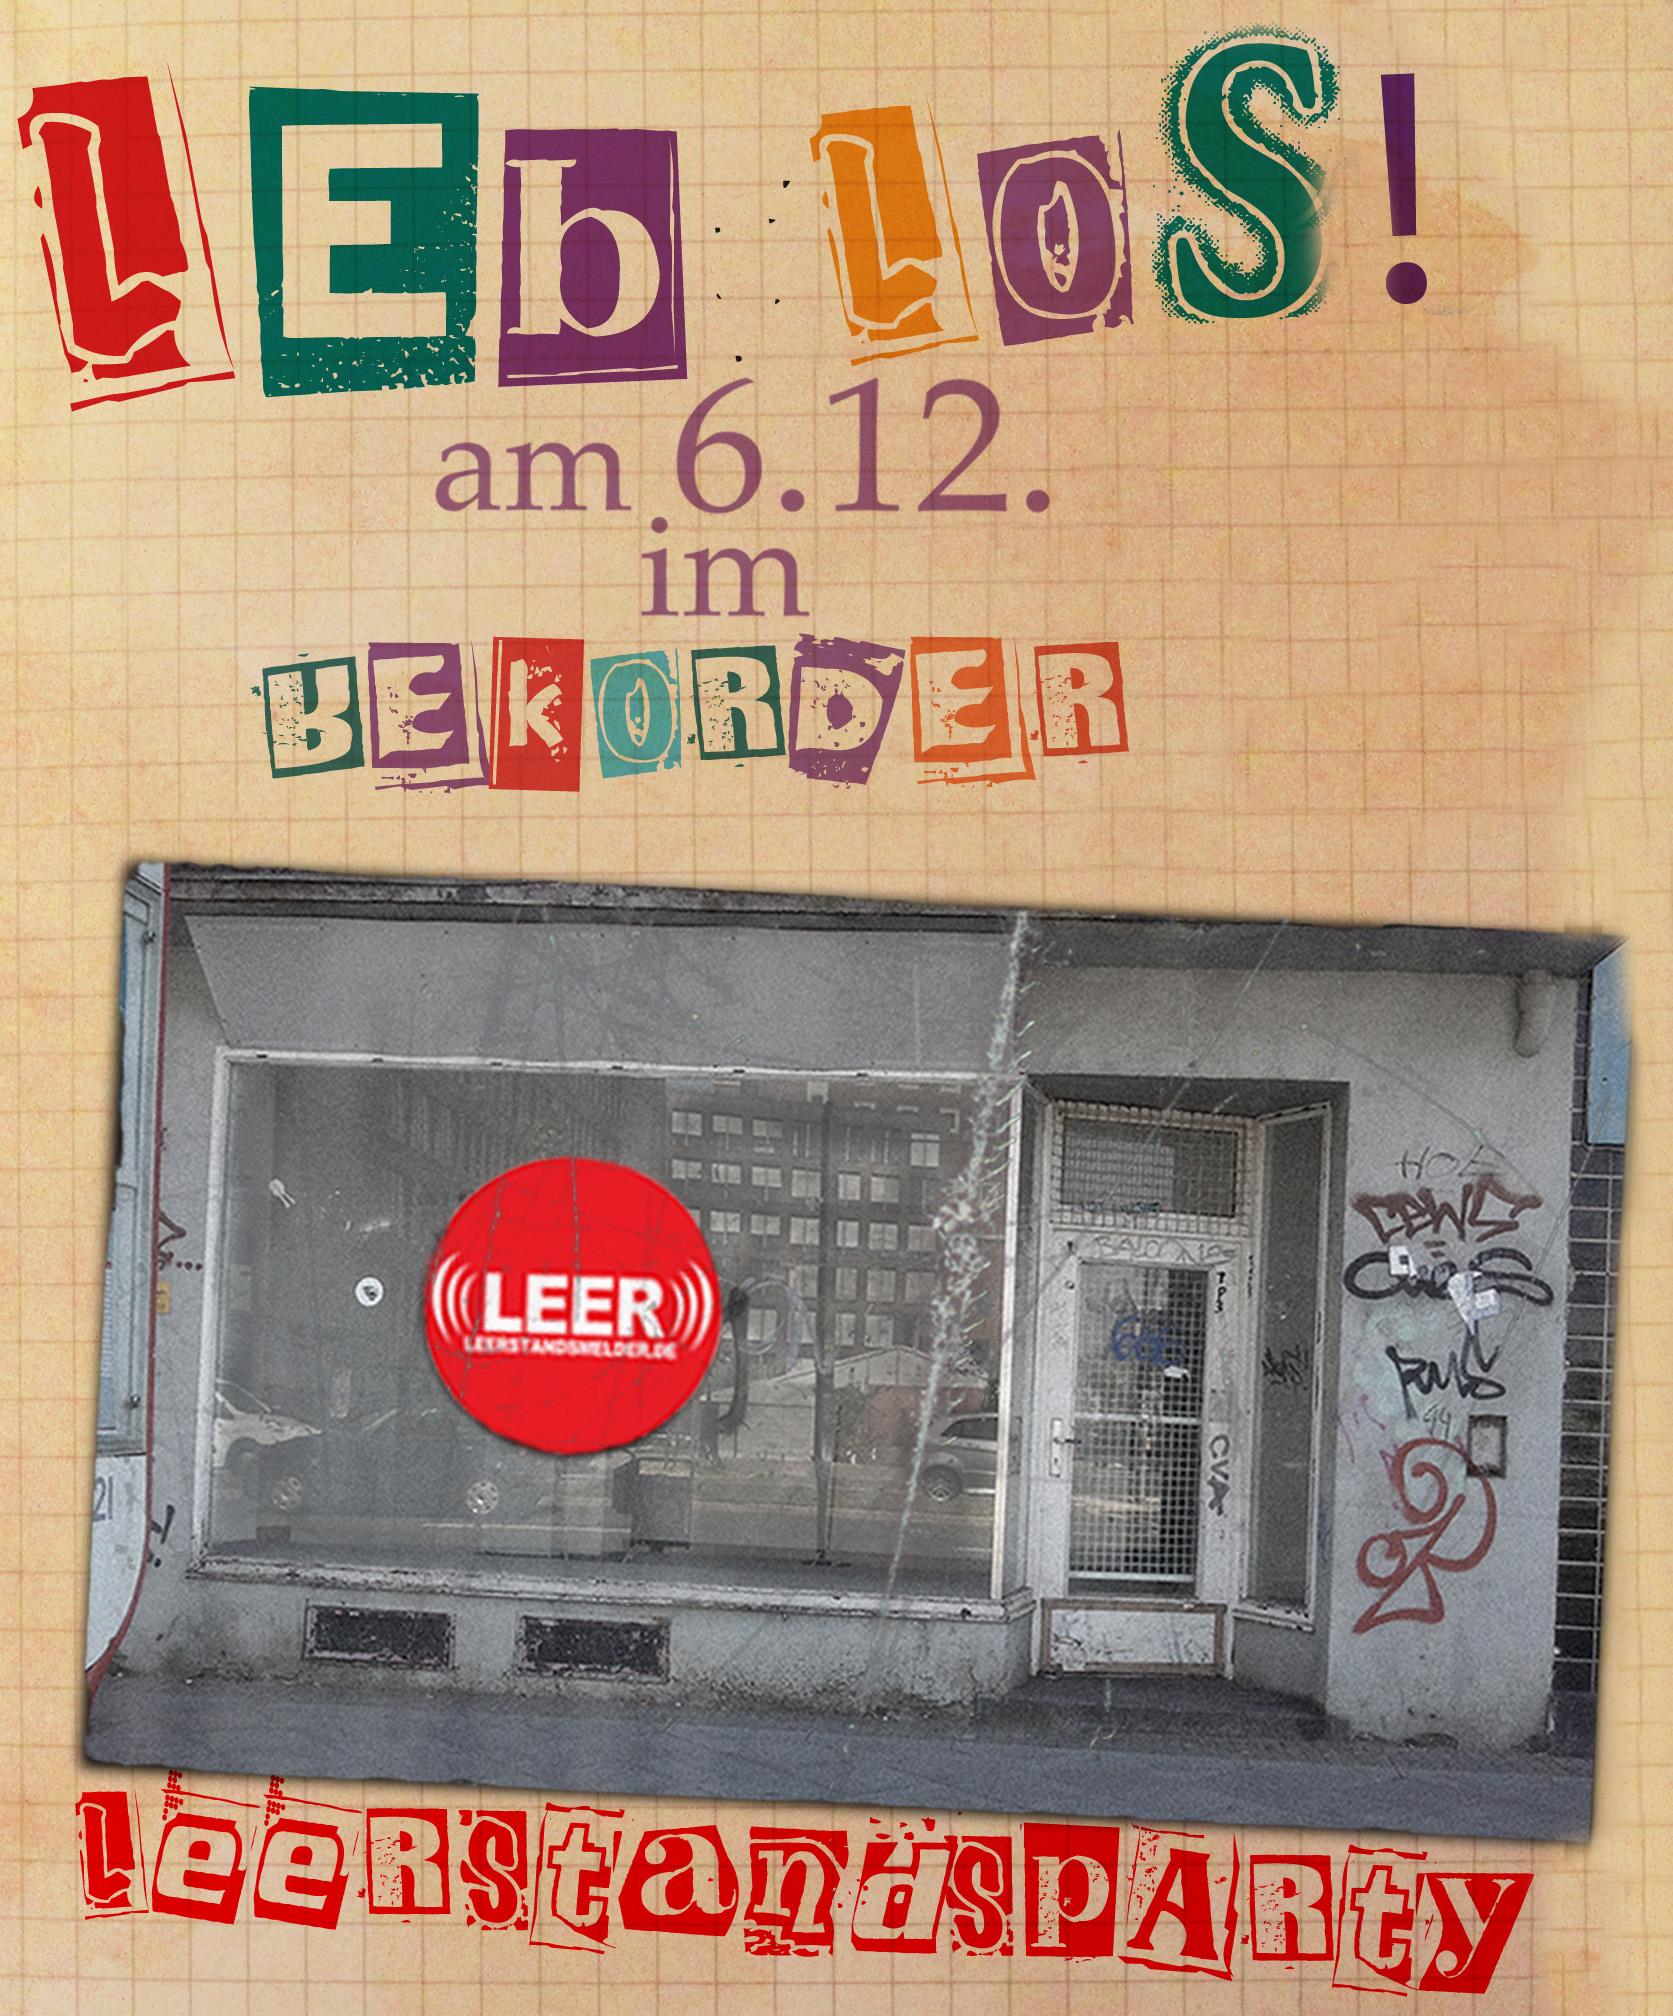 Leb los! Leerstandsparty in Dortmund